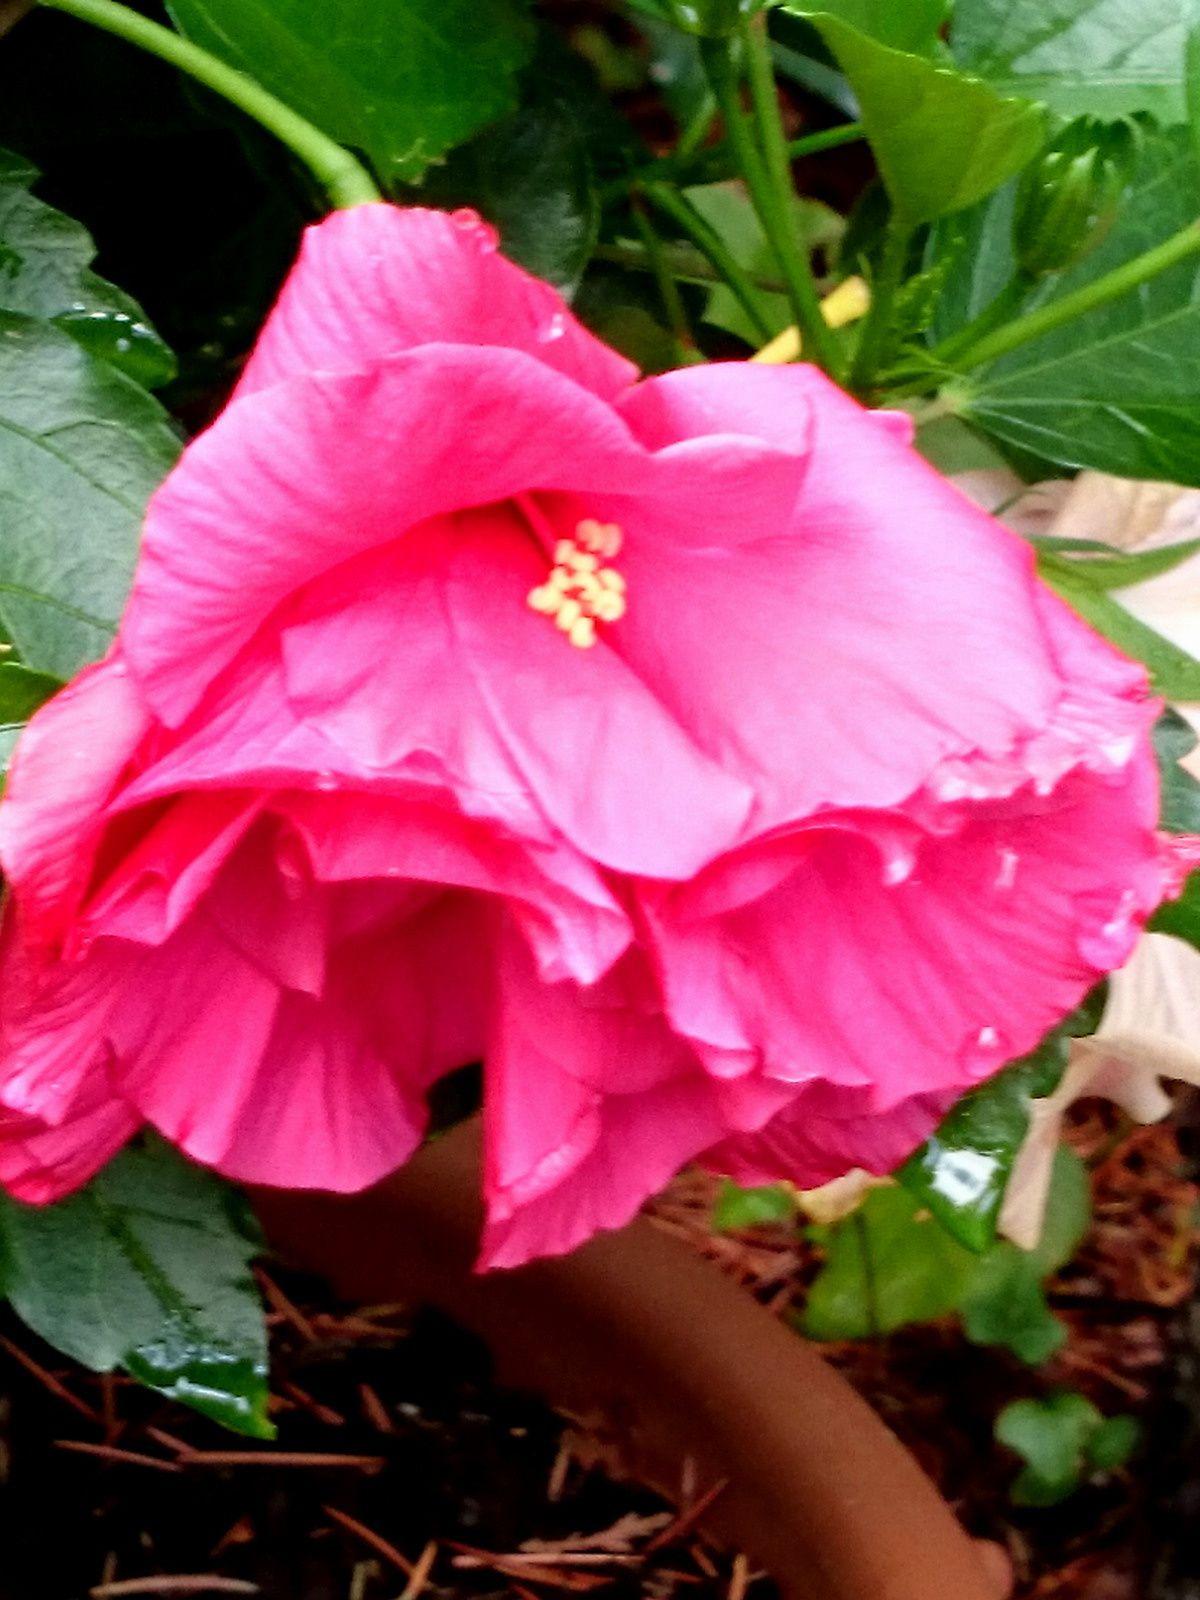 Le poid de la fleur lui donne ce petit air penché